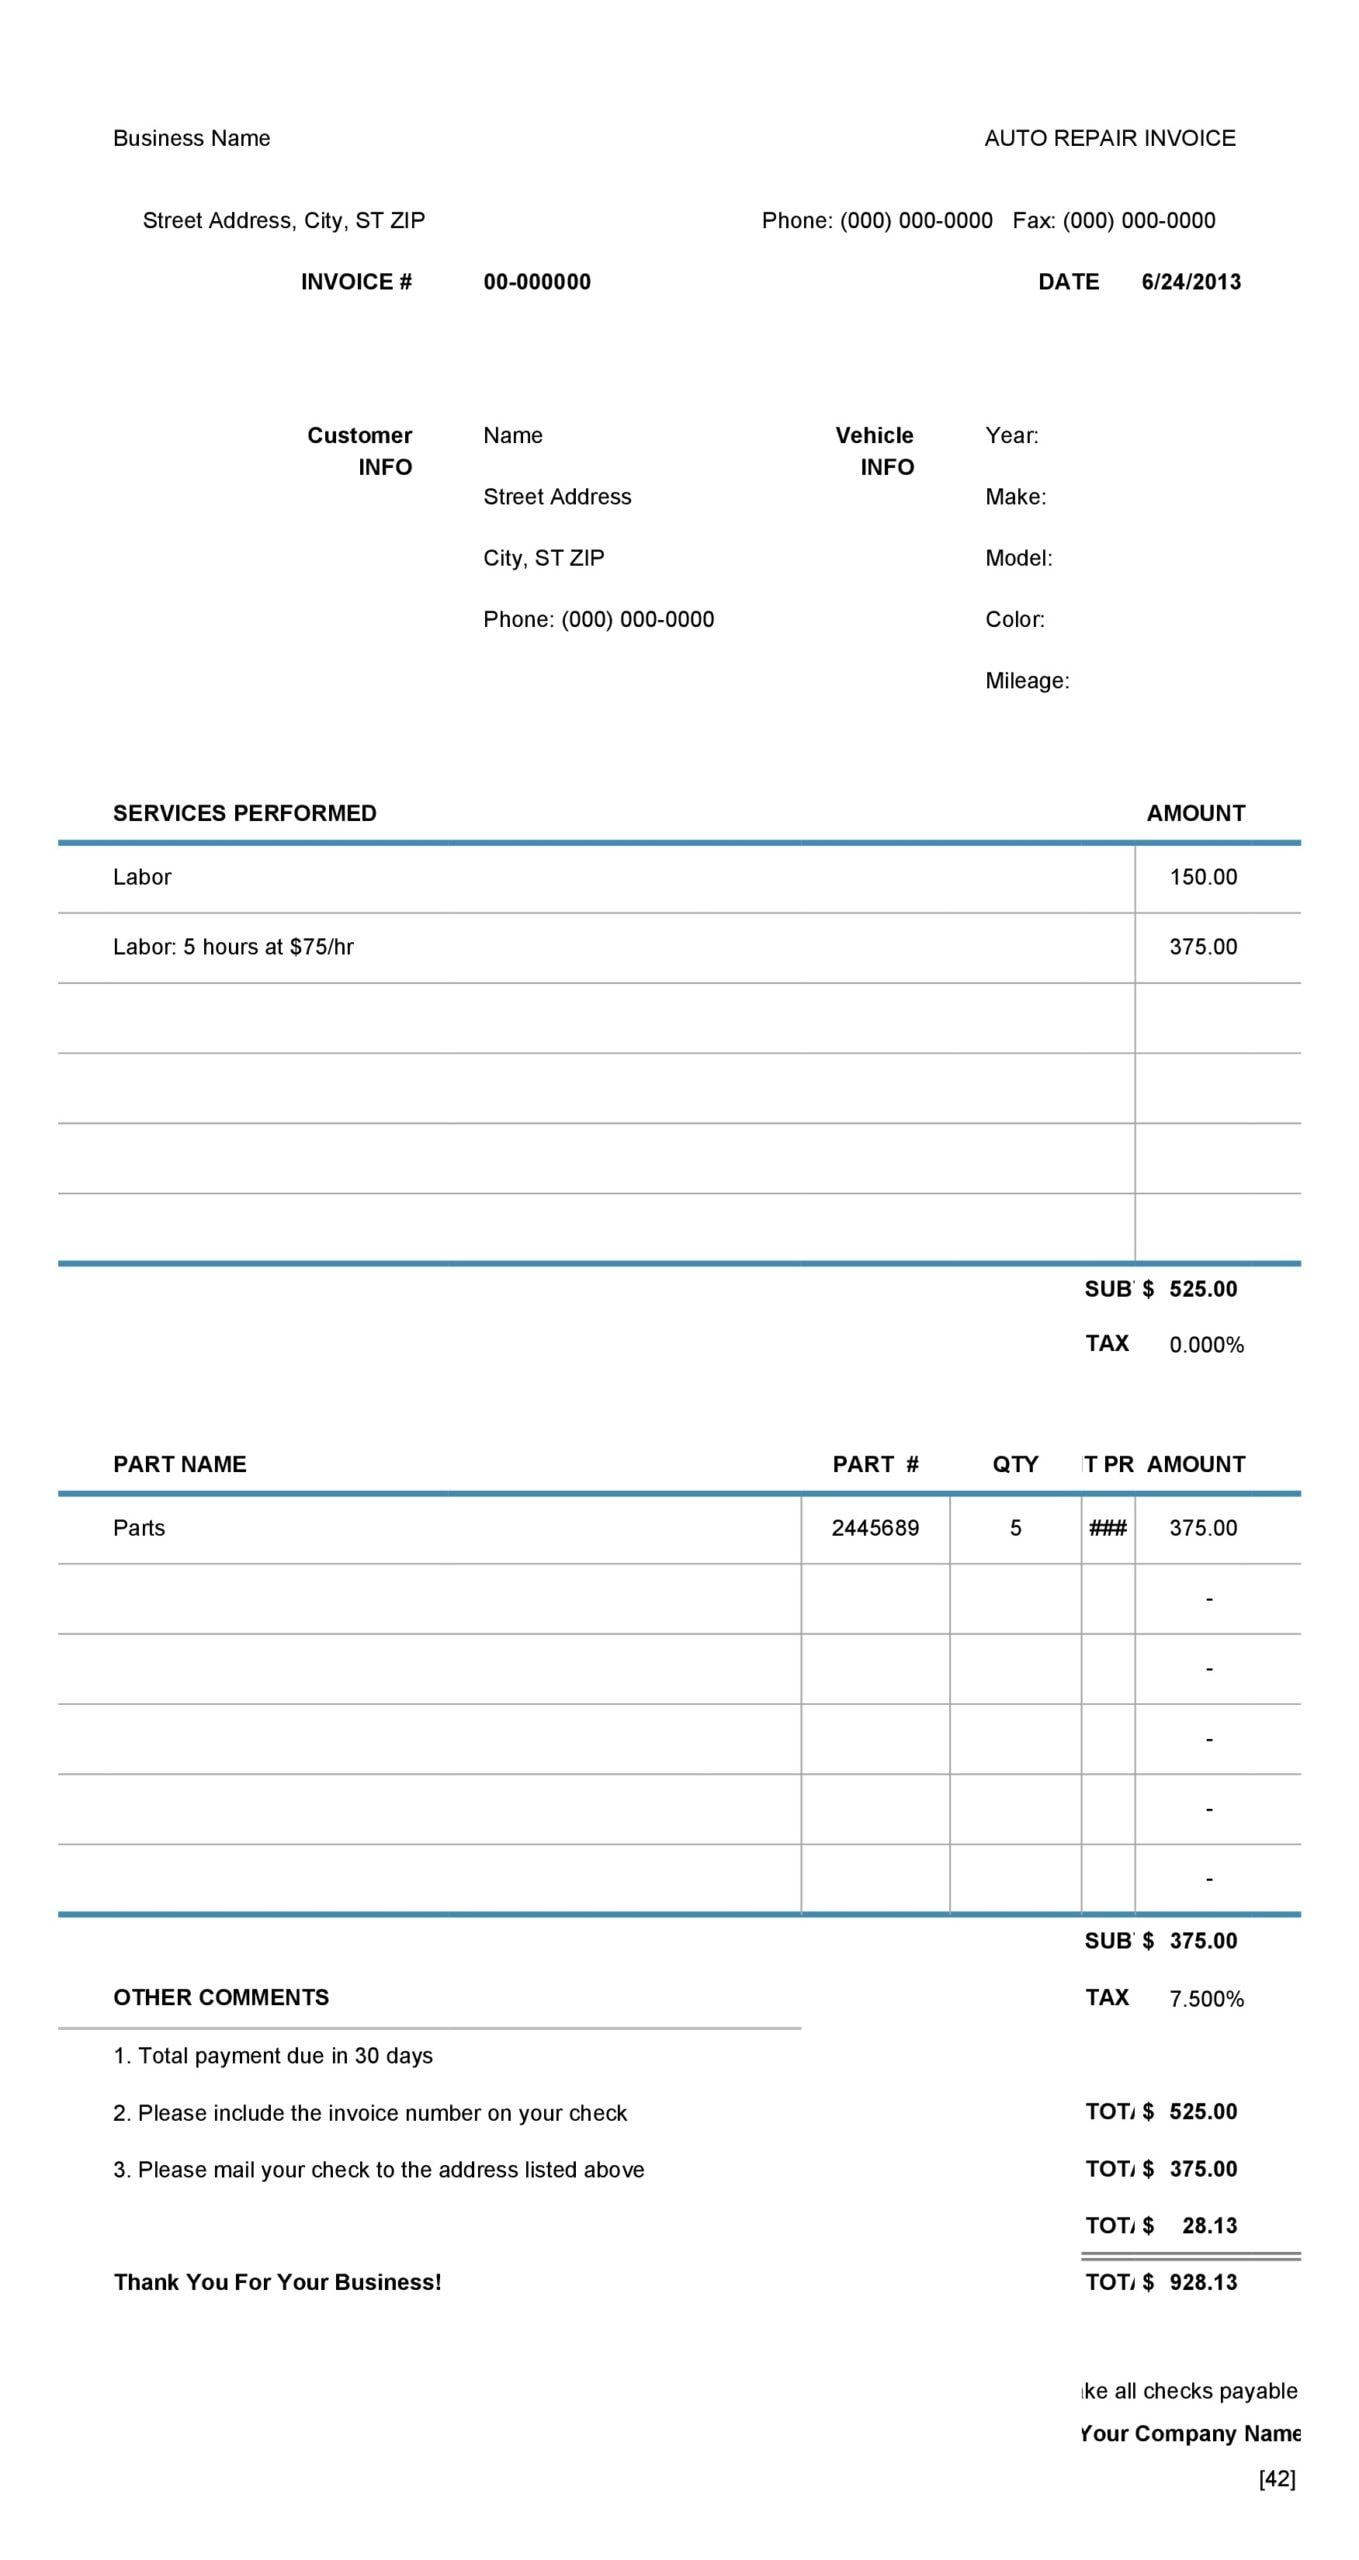 auto repair invoice 08